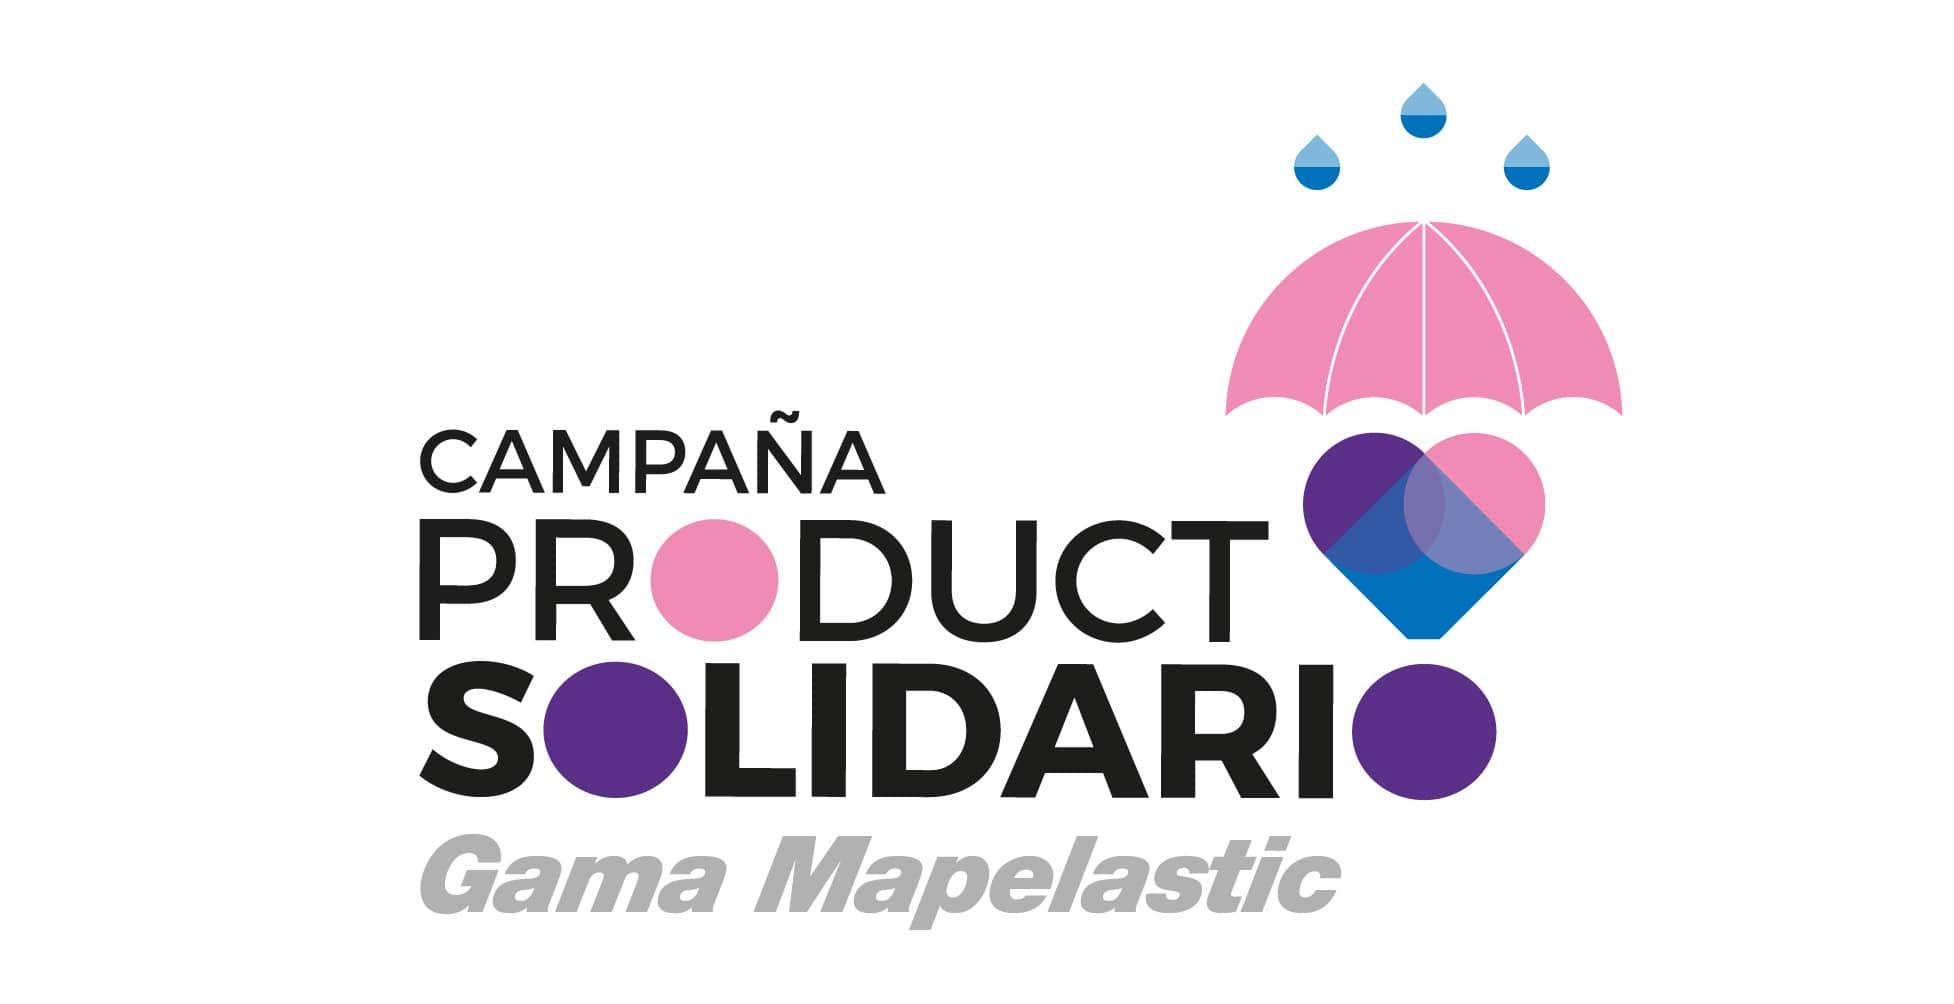 La gama Mapelastic, protagonista de la II campaña Producto Solidario de Mapei